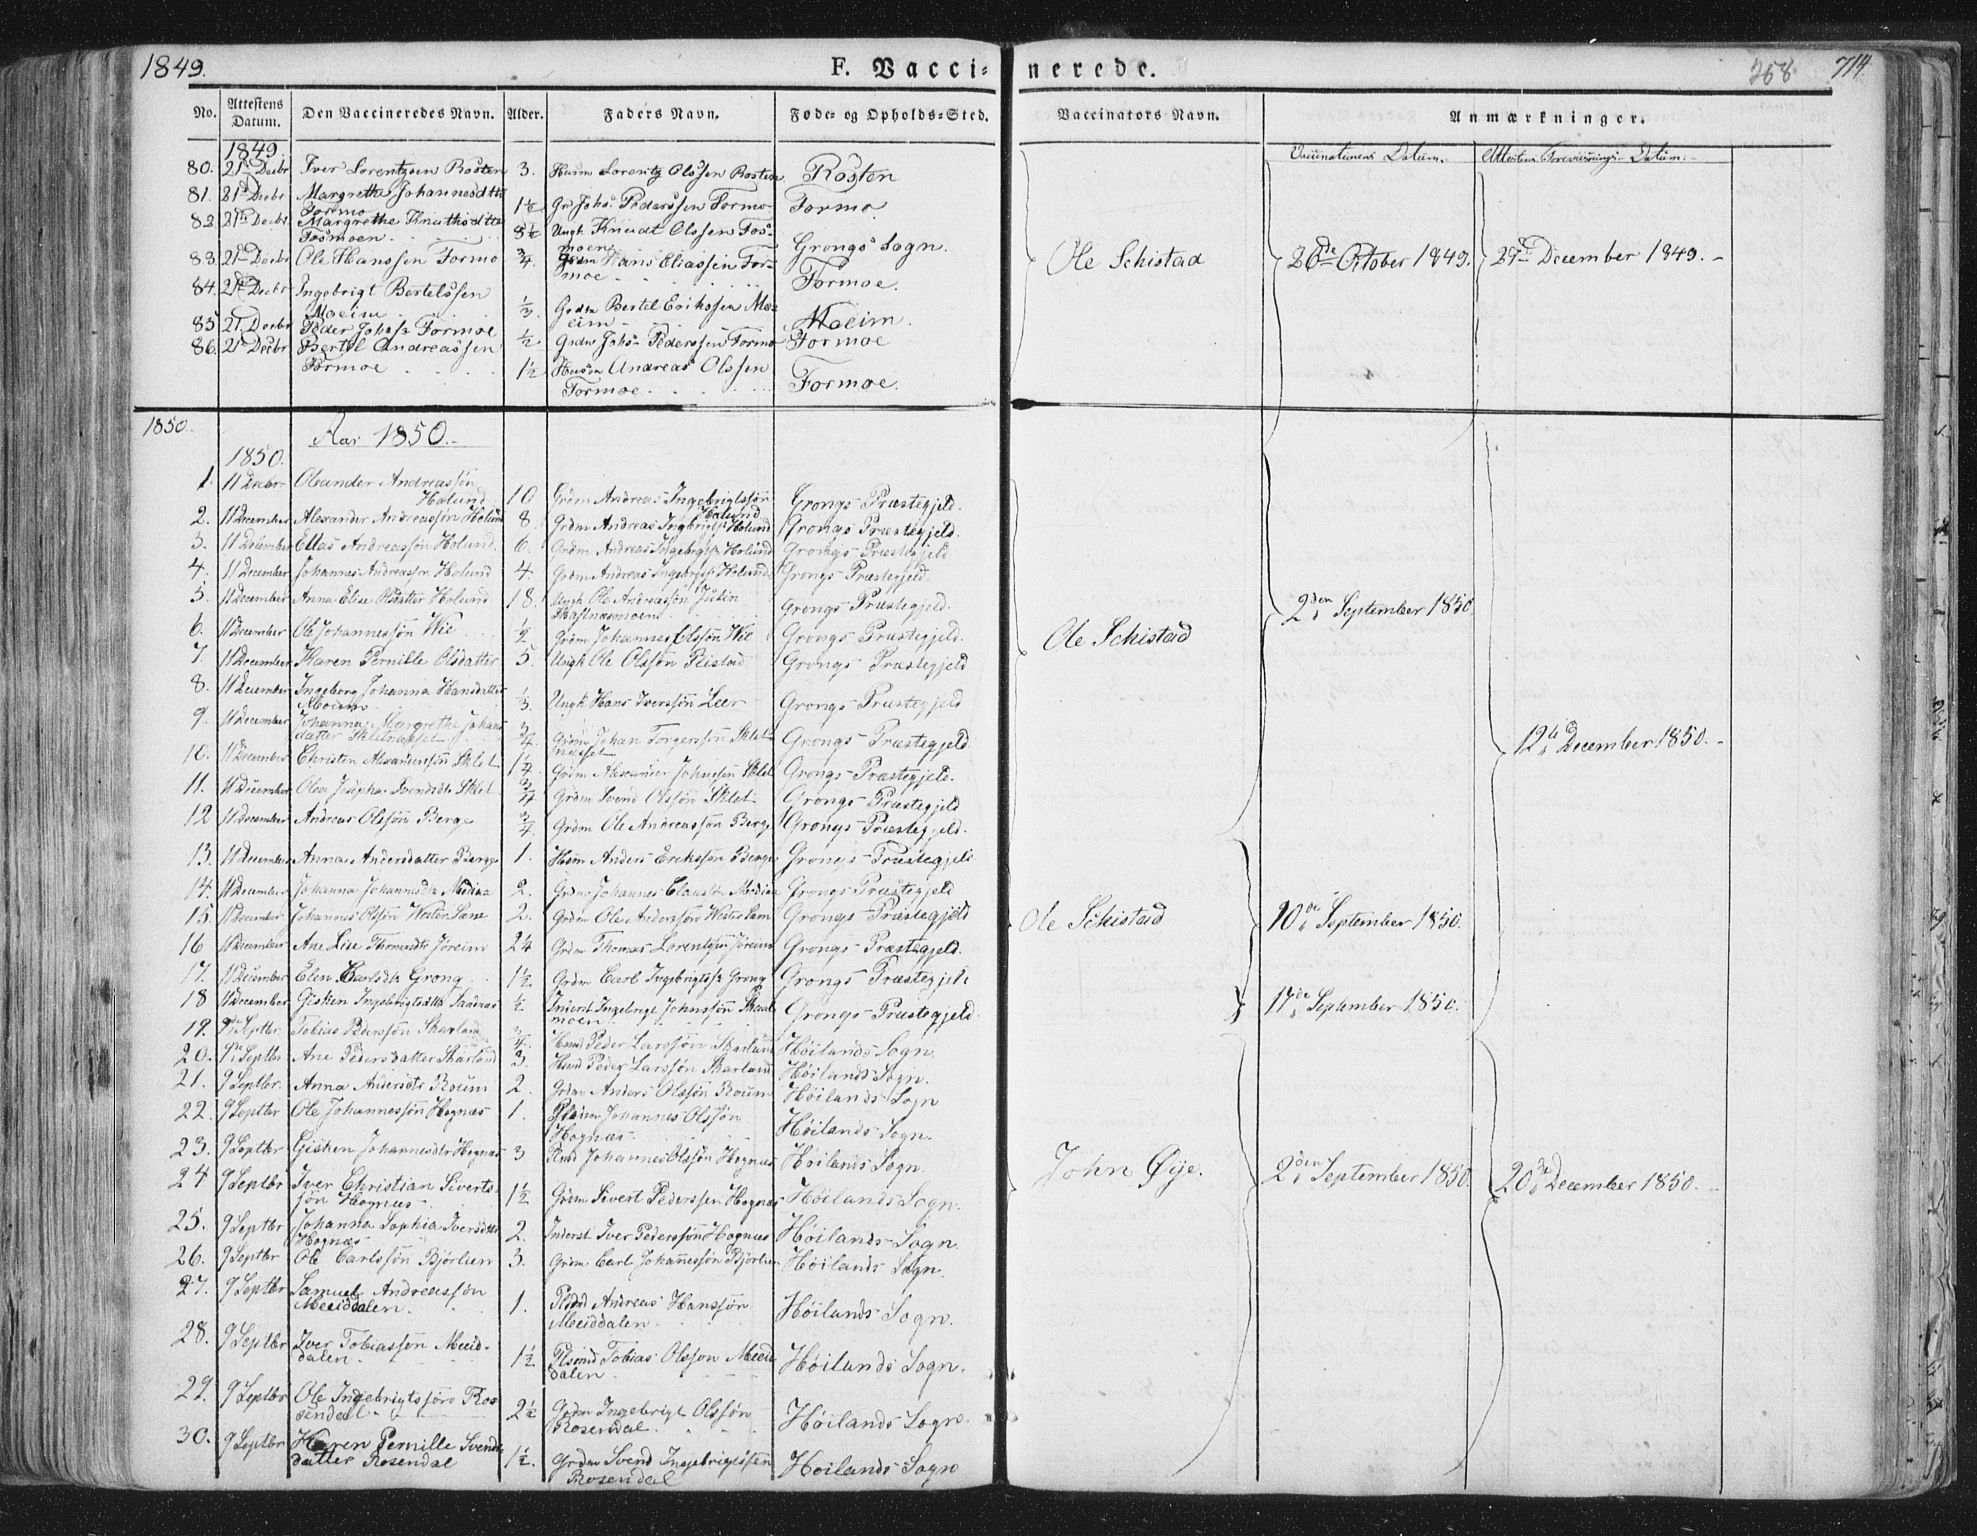 SAT, Ministerialprotokoller, klokkerbøker og fødselsregistre - Nord-Trøndelag, 758/L0513: Ministerialbok nr. 758A02 /1, 1839-1868, s. 258